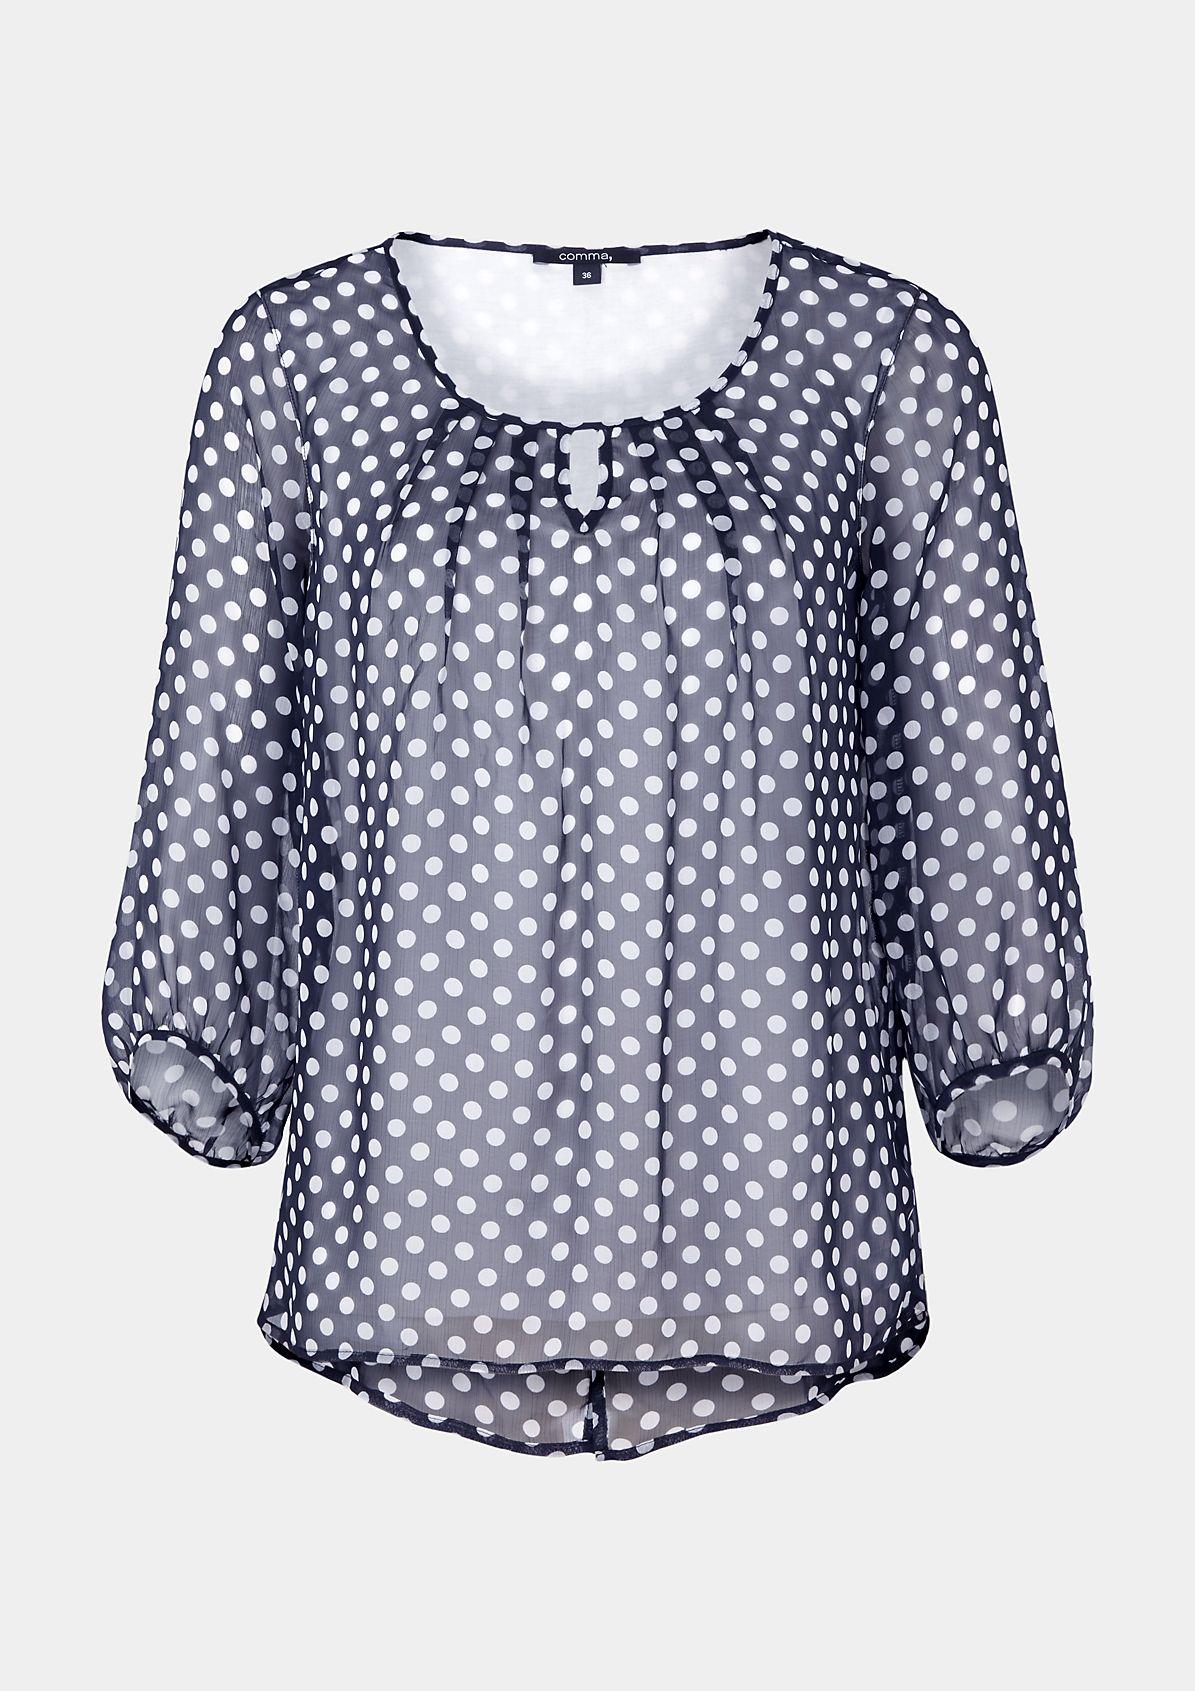 Hauchzarte 3/4-Arm Bluse mit dekorativem Musterspiel